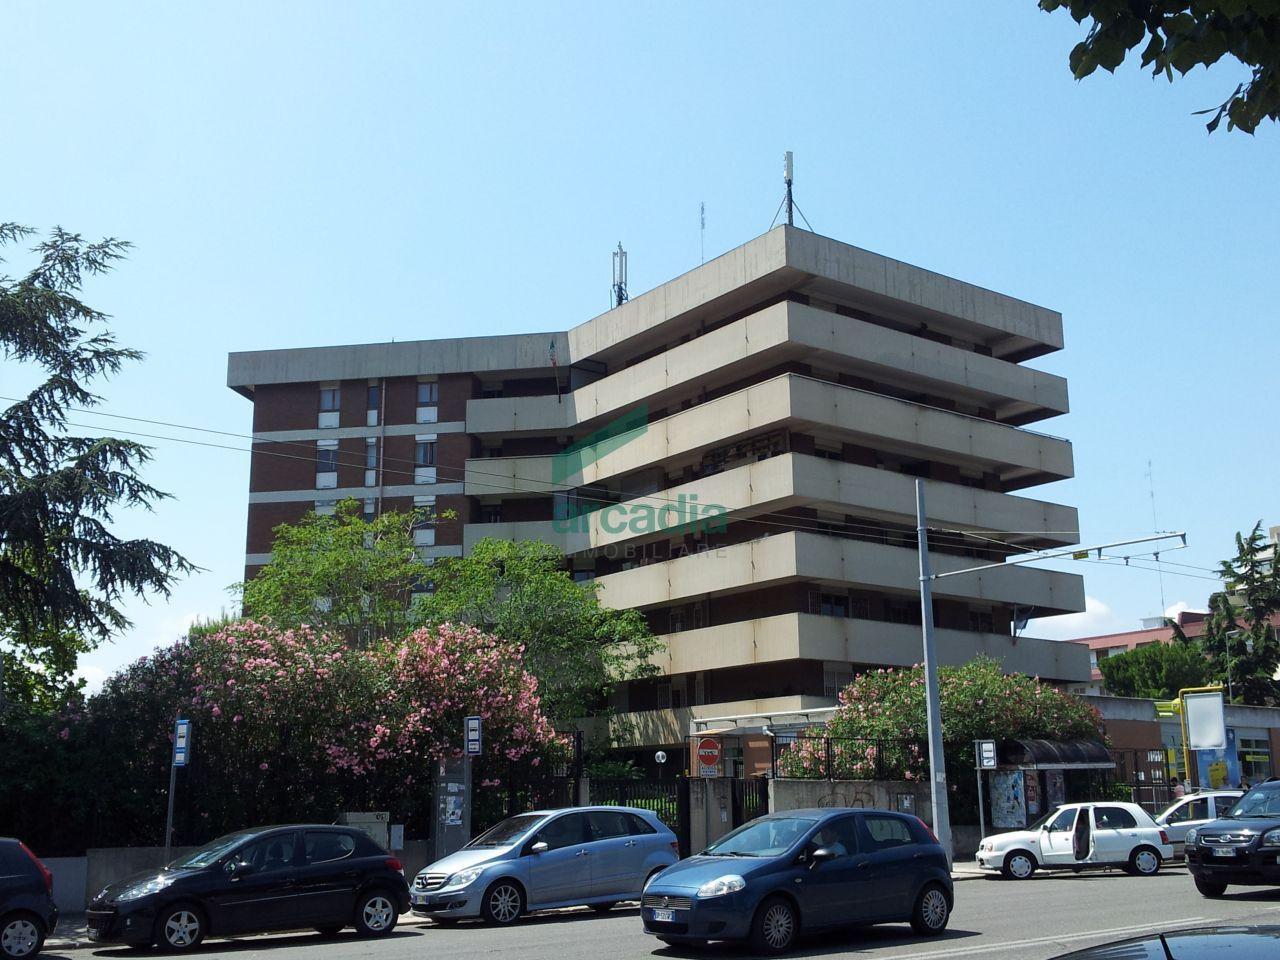 affitto ufficio bari   2000 euro  7 locali  240 mq